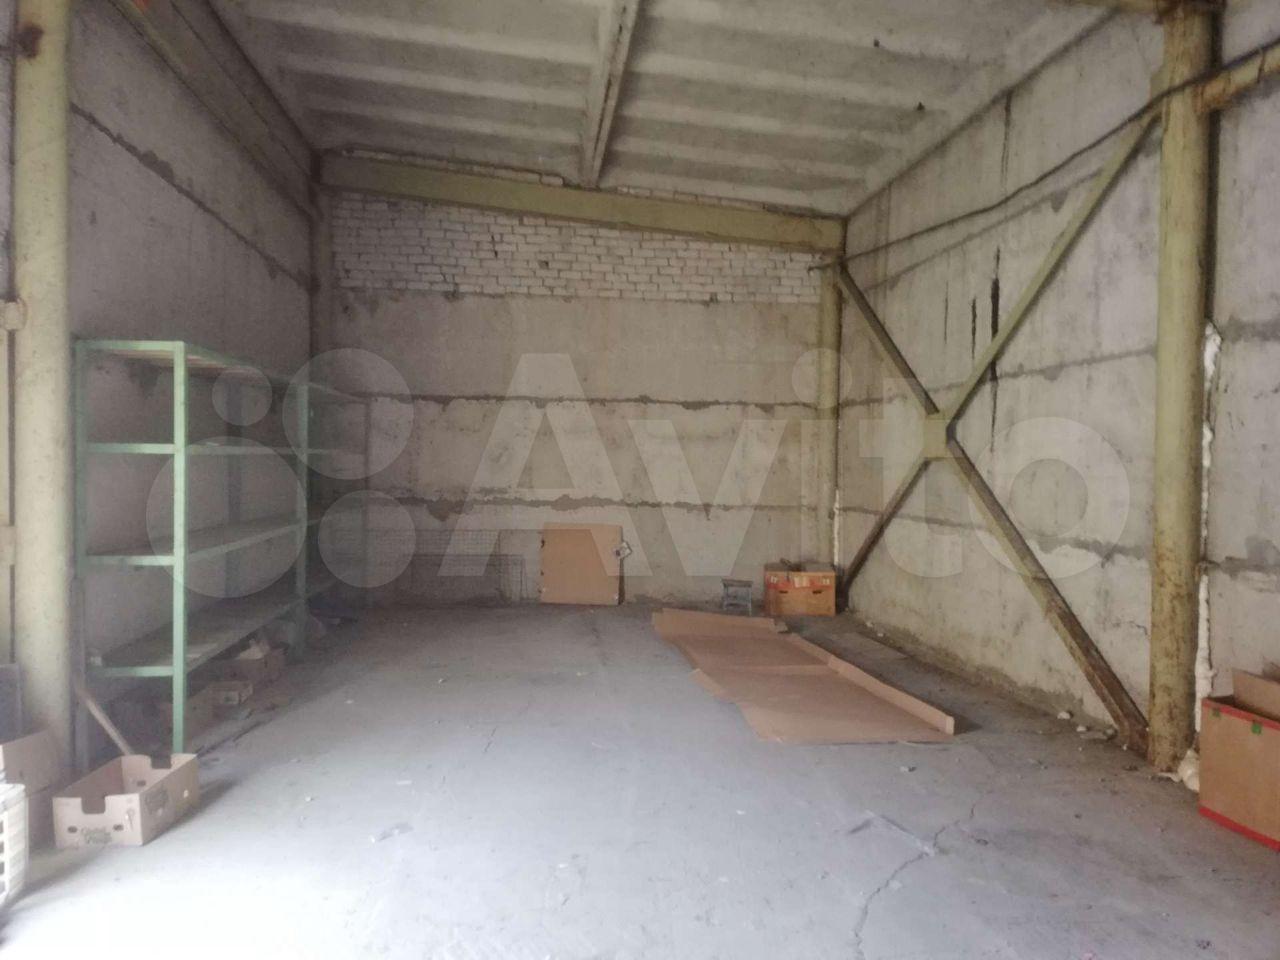 30 м² в Рославле> Гараж, > 30 м²  89101171139 купить 3